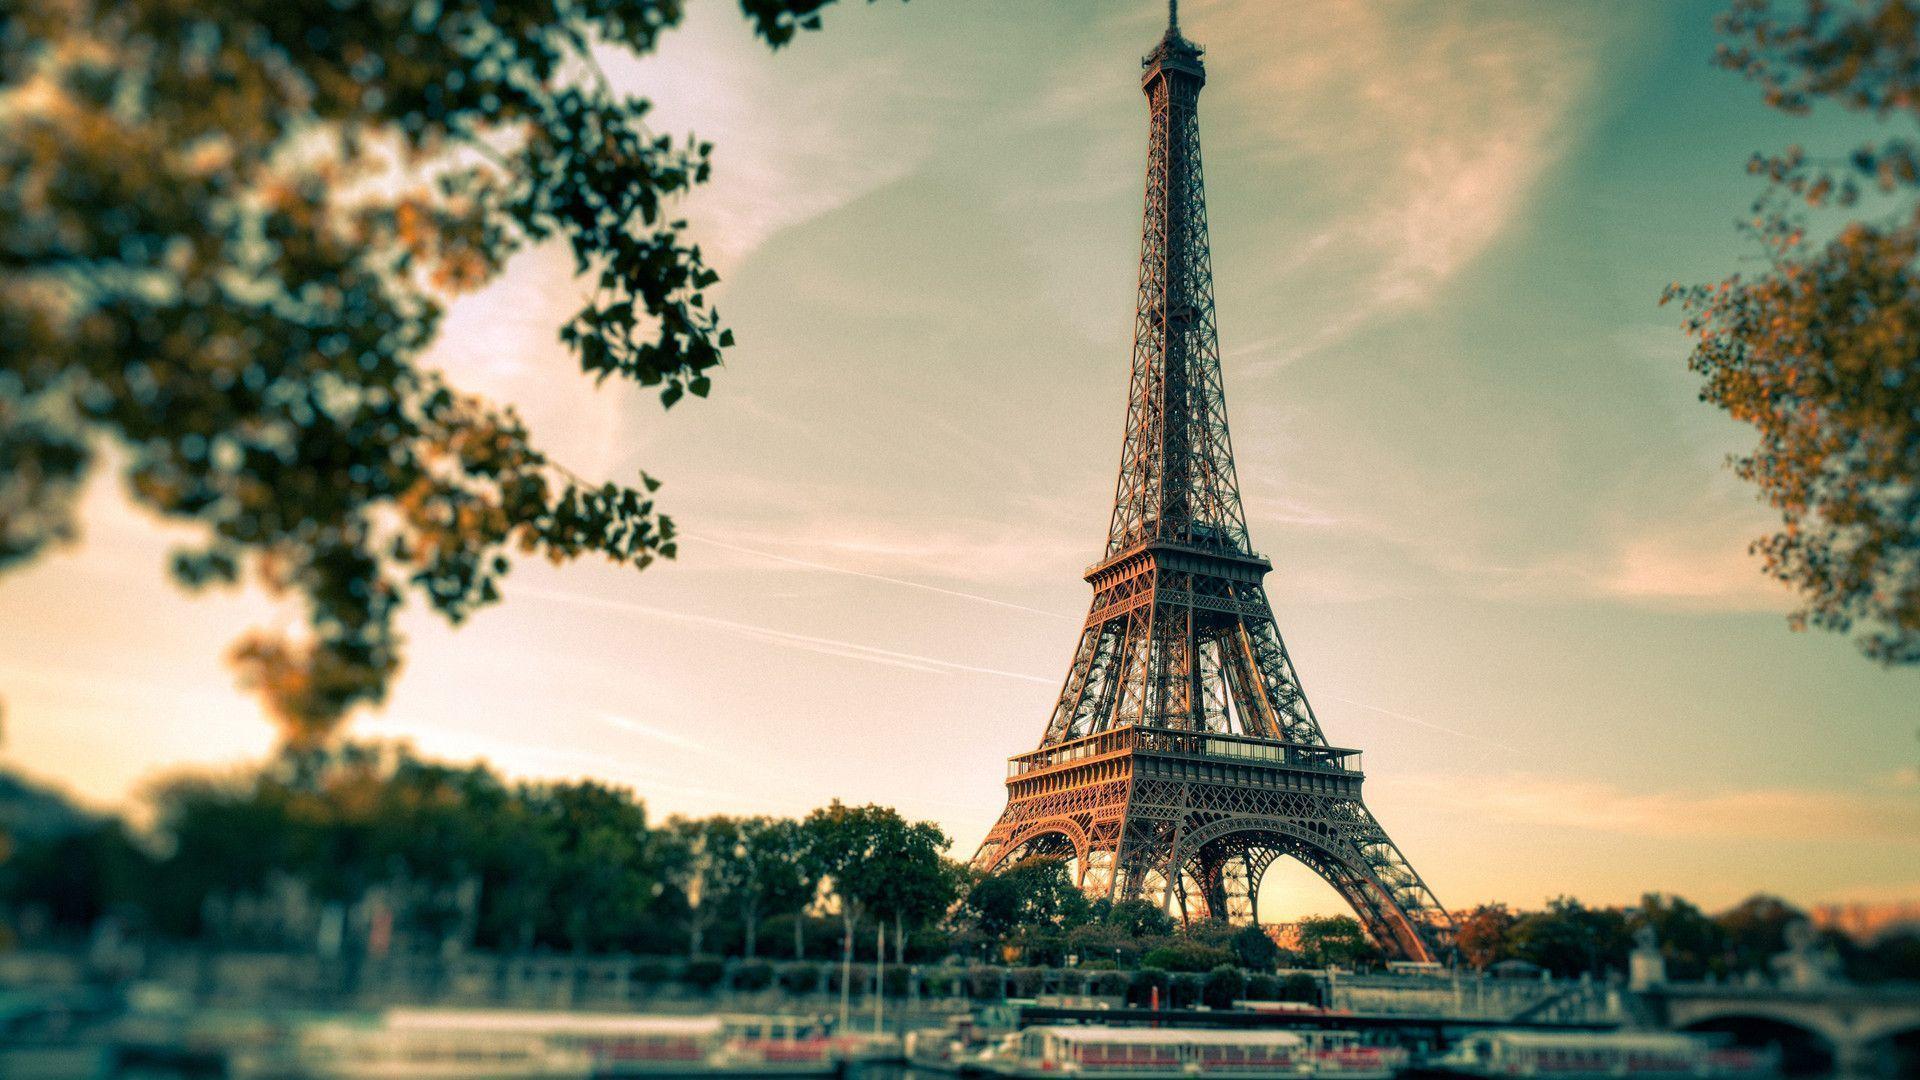 Paris City HD Wallpapers   Paris City Desktop Images   Cool Wallpapers